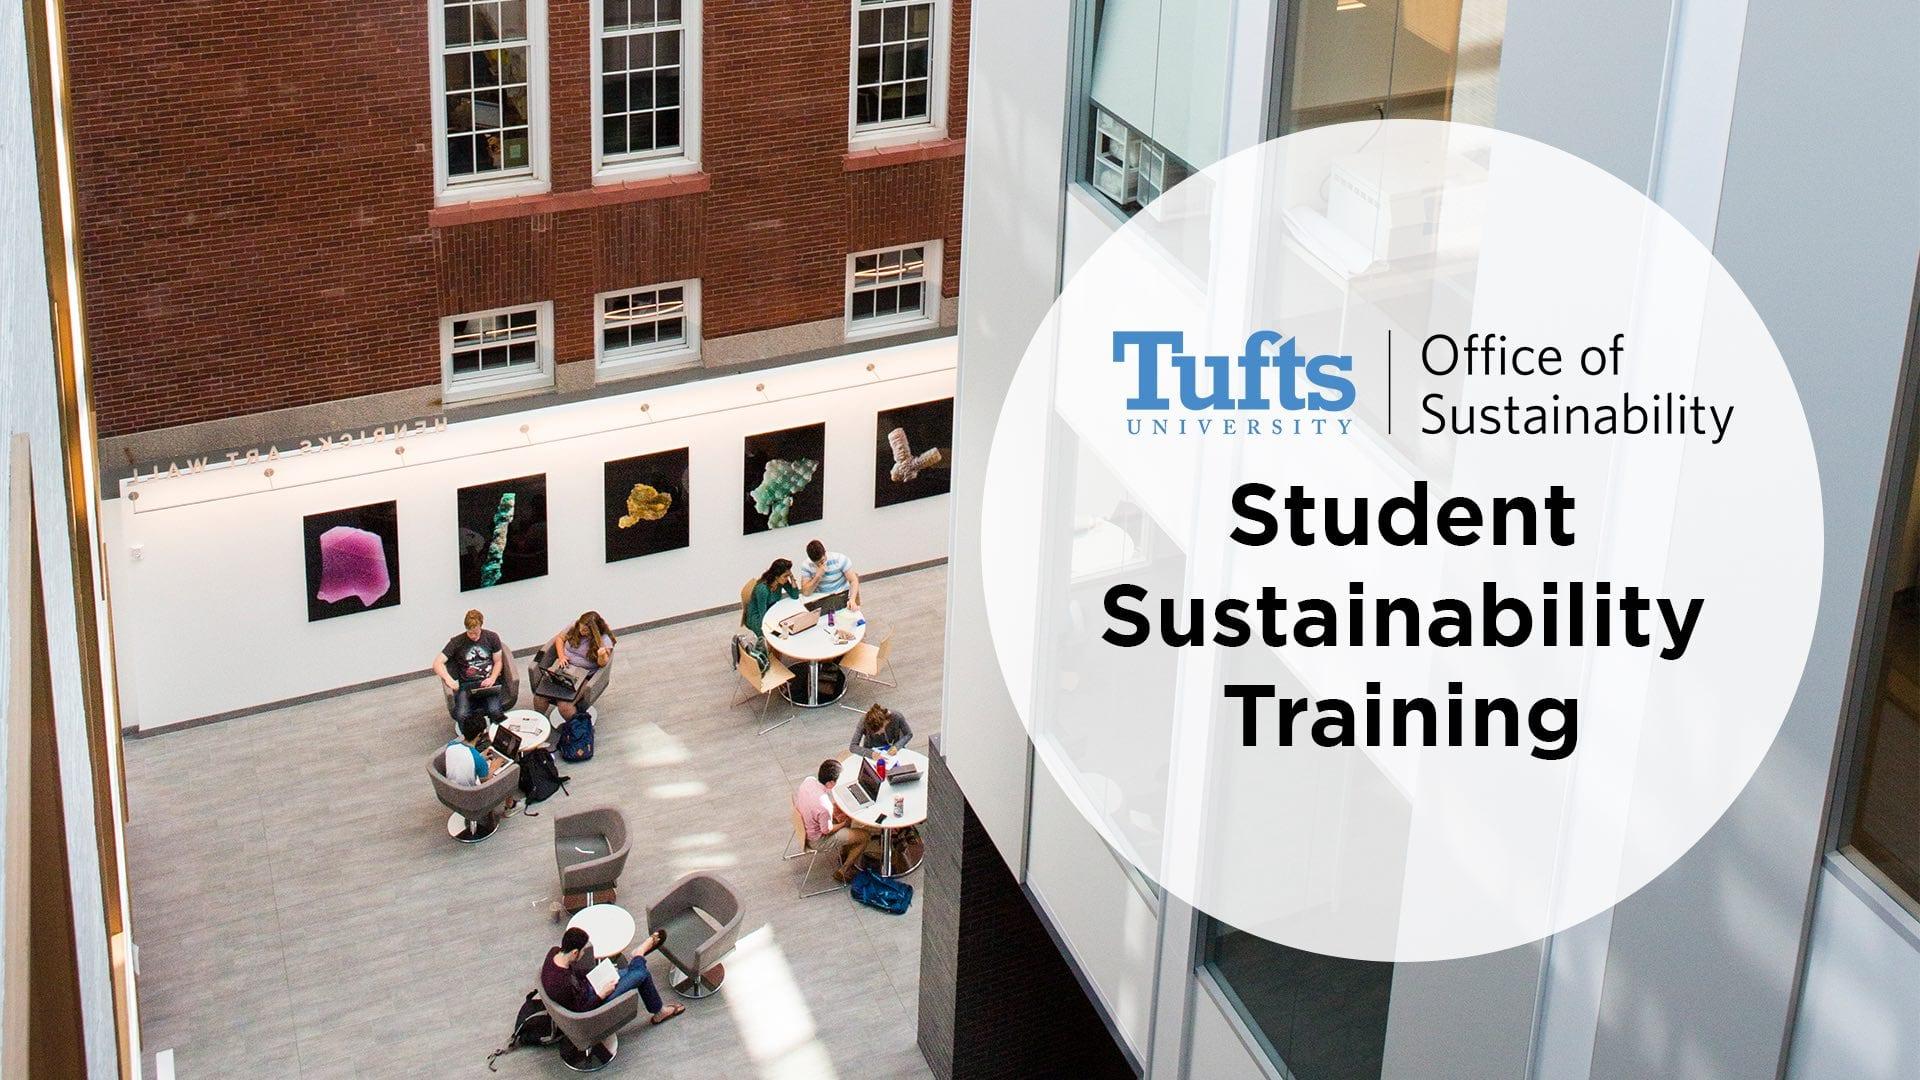 Student Sustainability Training